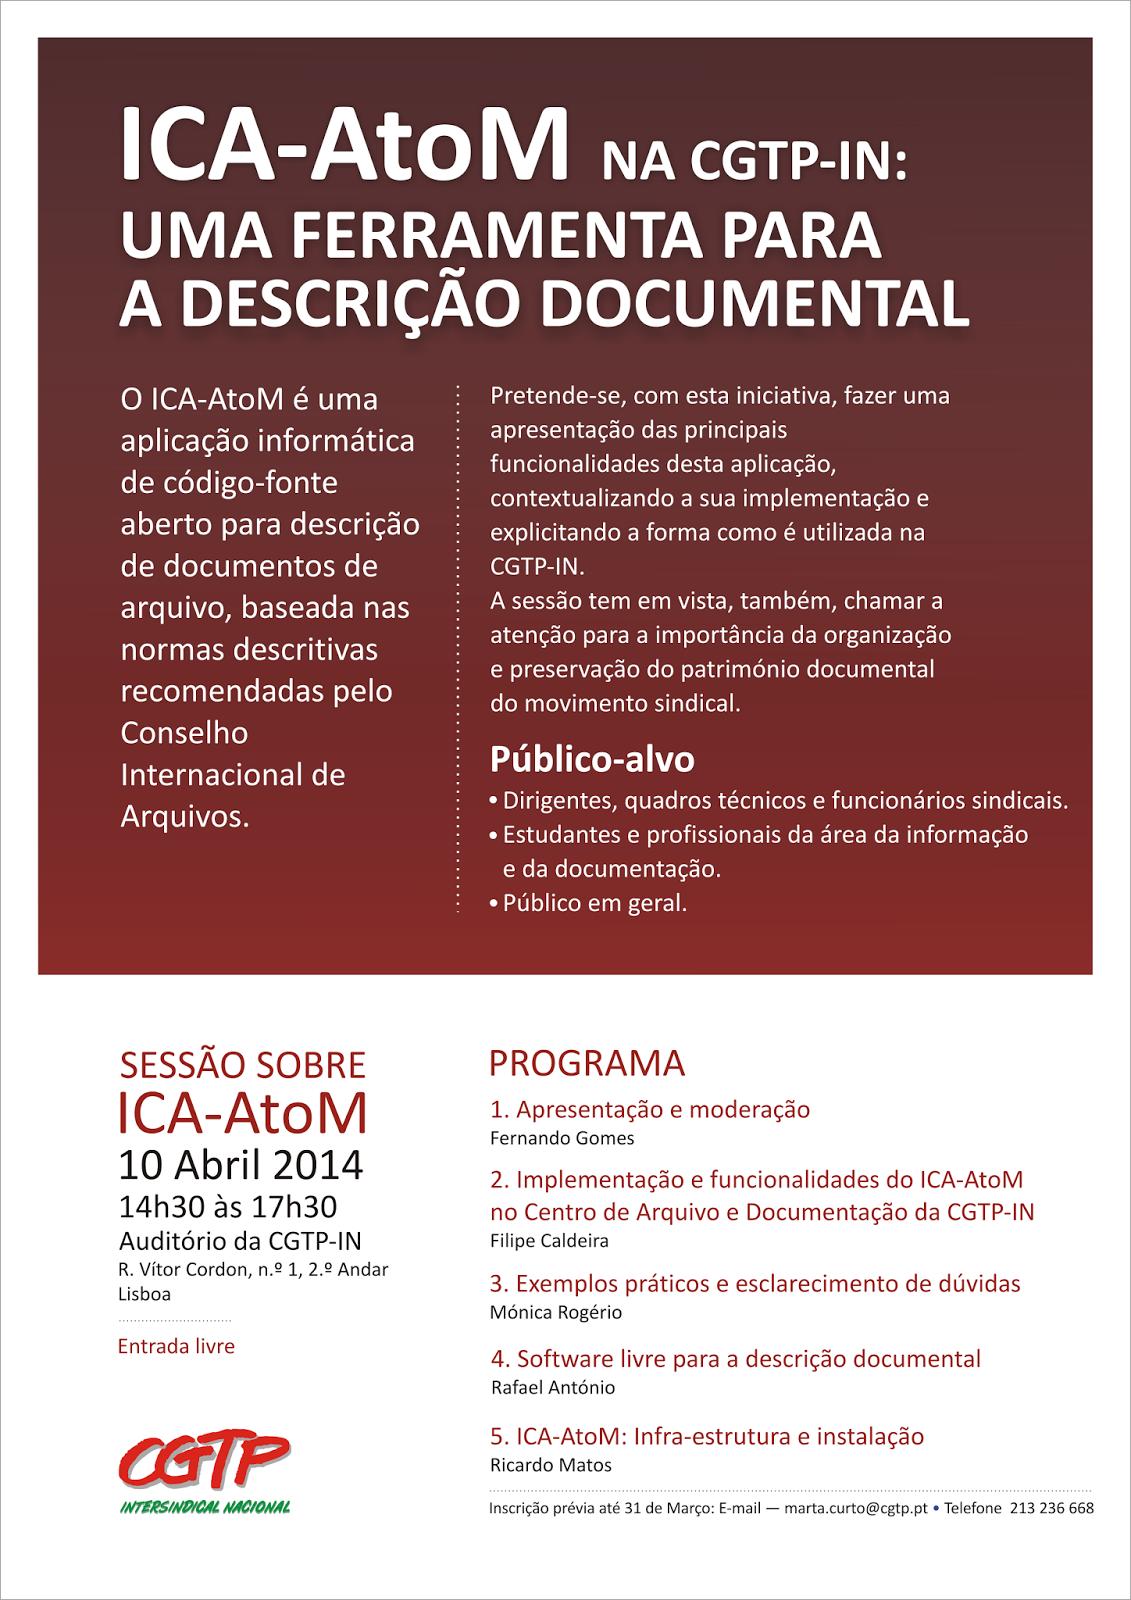 A sessão realiza-se dia 10 de Abril, pelas 14:30 horas, no Auditório da CGTP-IN - Rua Vítor Cordon, n.º 1, 2.º Andar, Lisboa.